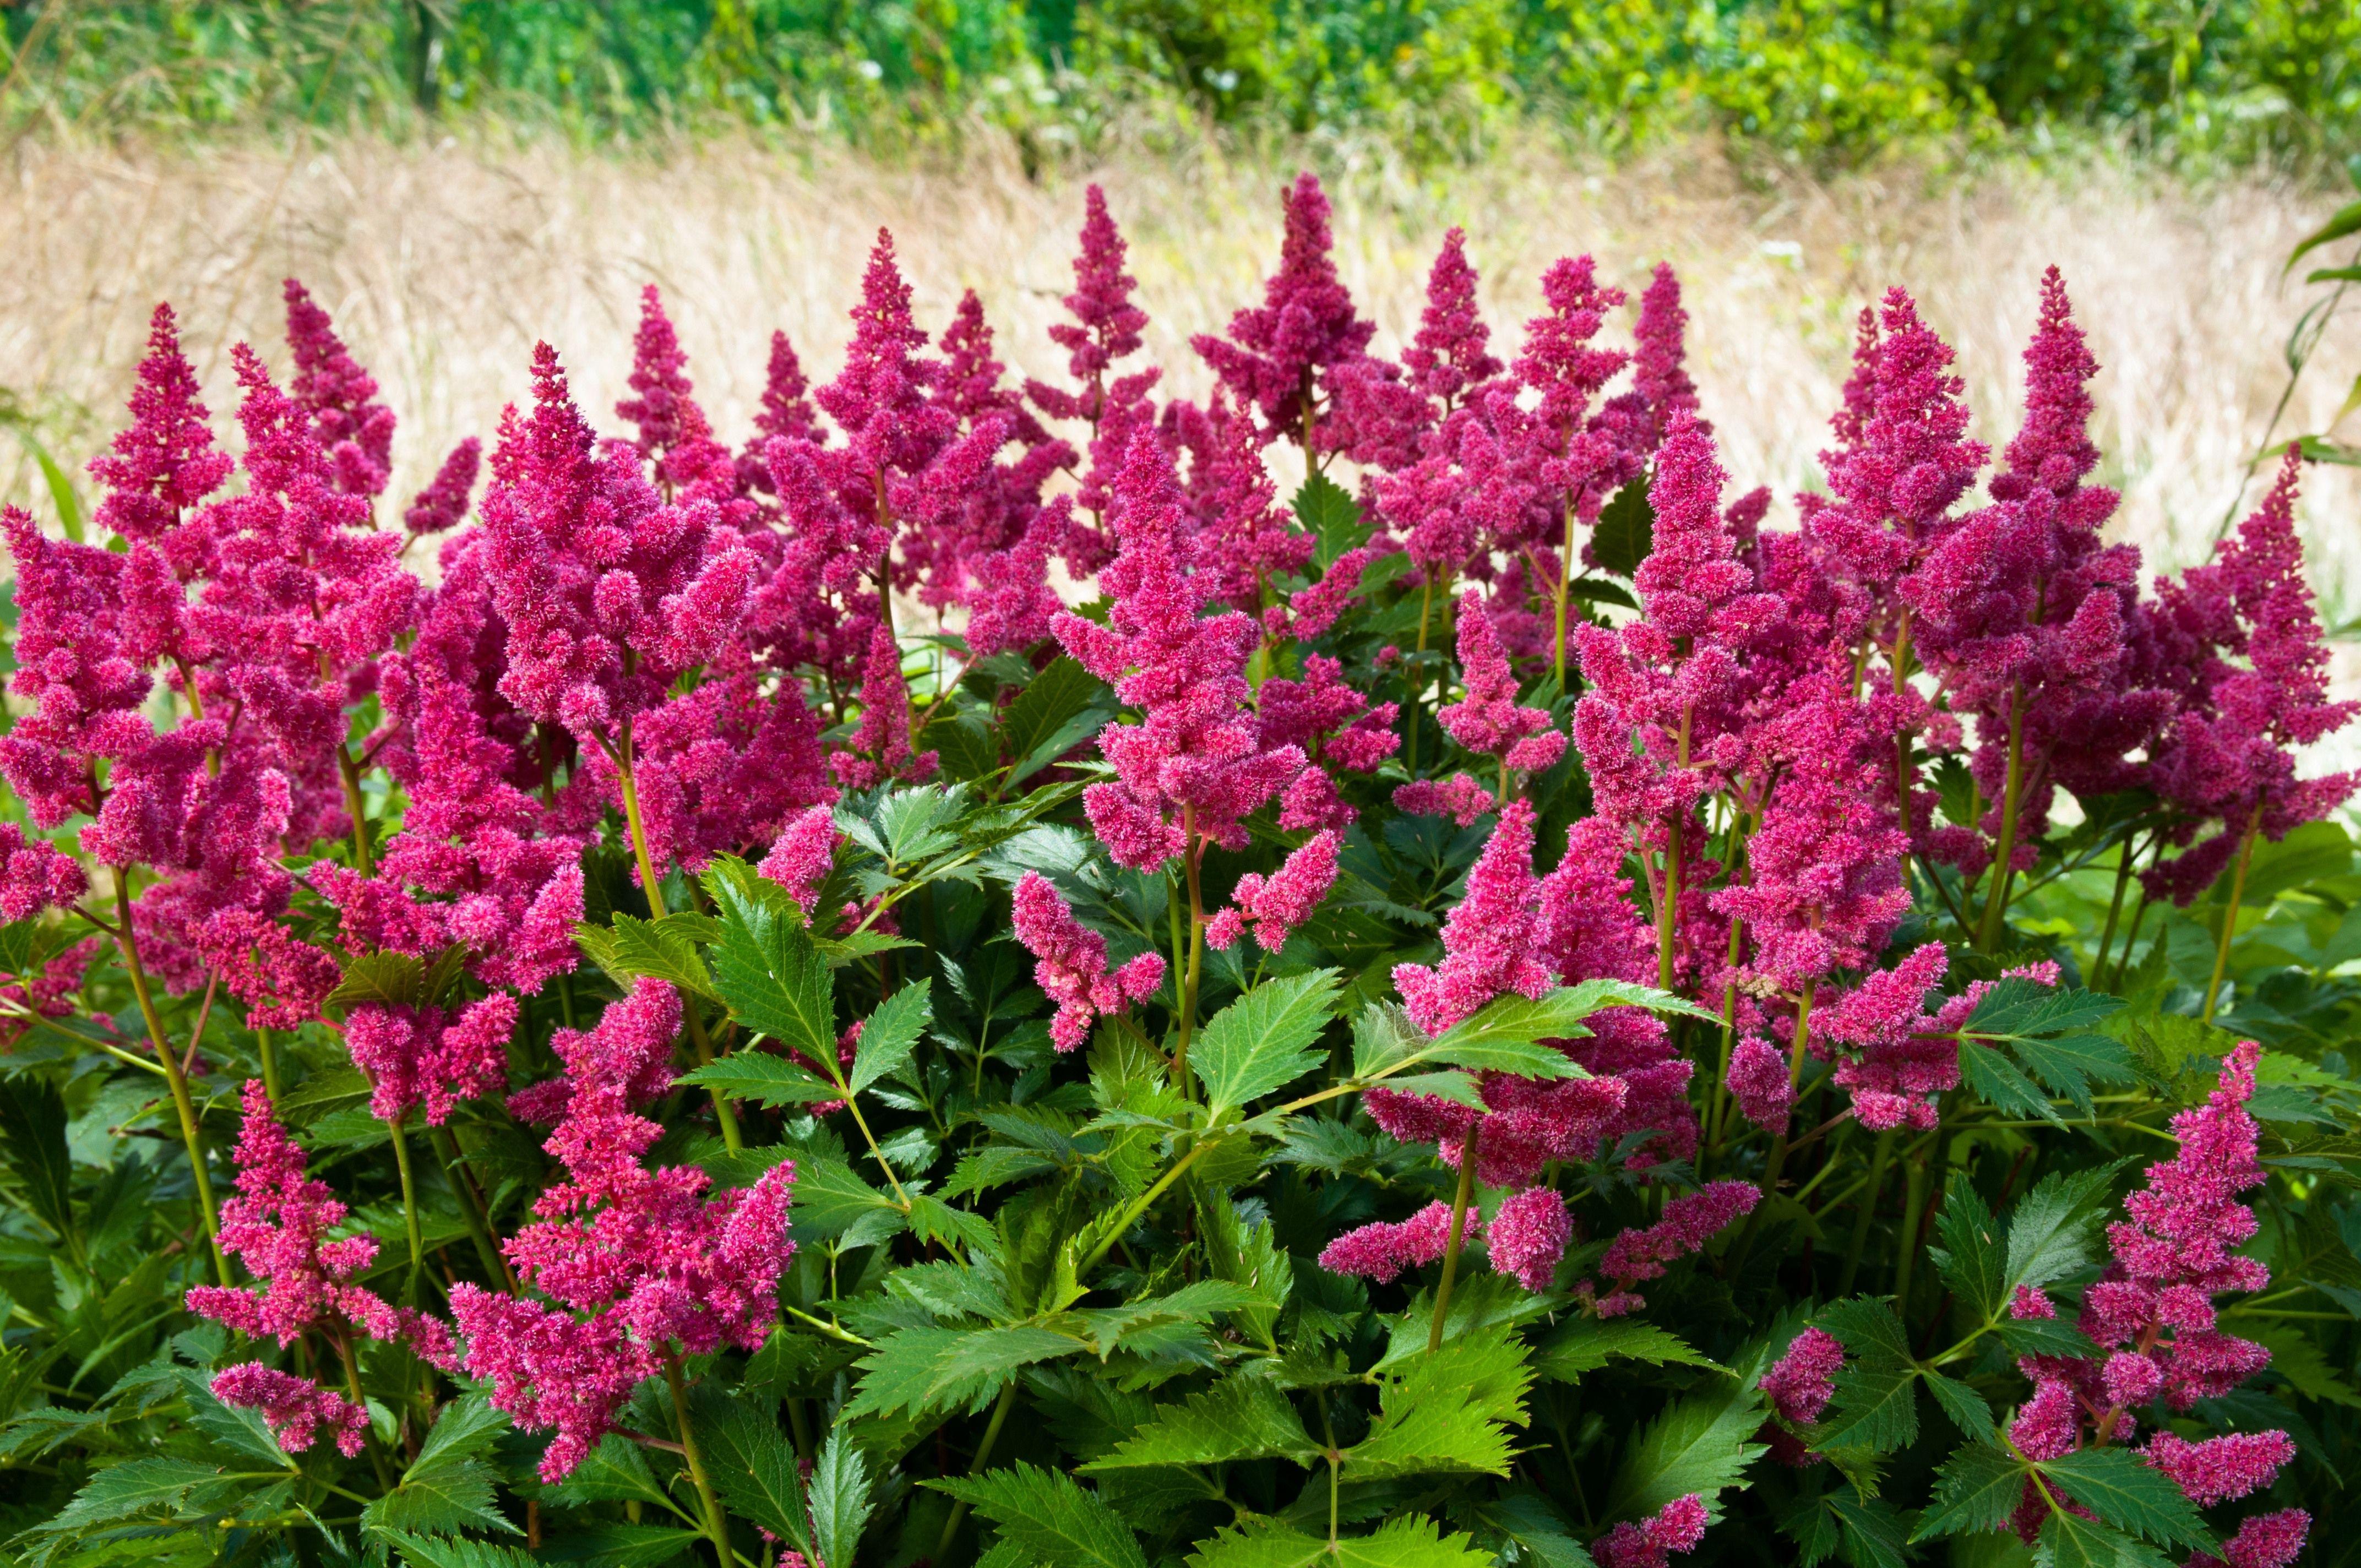 des plantes floraison longue pour un jardin fleuri toute l 39 ann e jardinage de fleurs. Black Bedroom Furniture Sets. Home Design Ideas